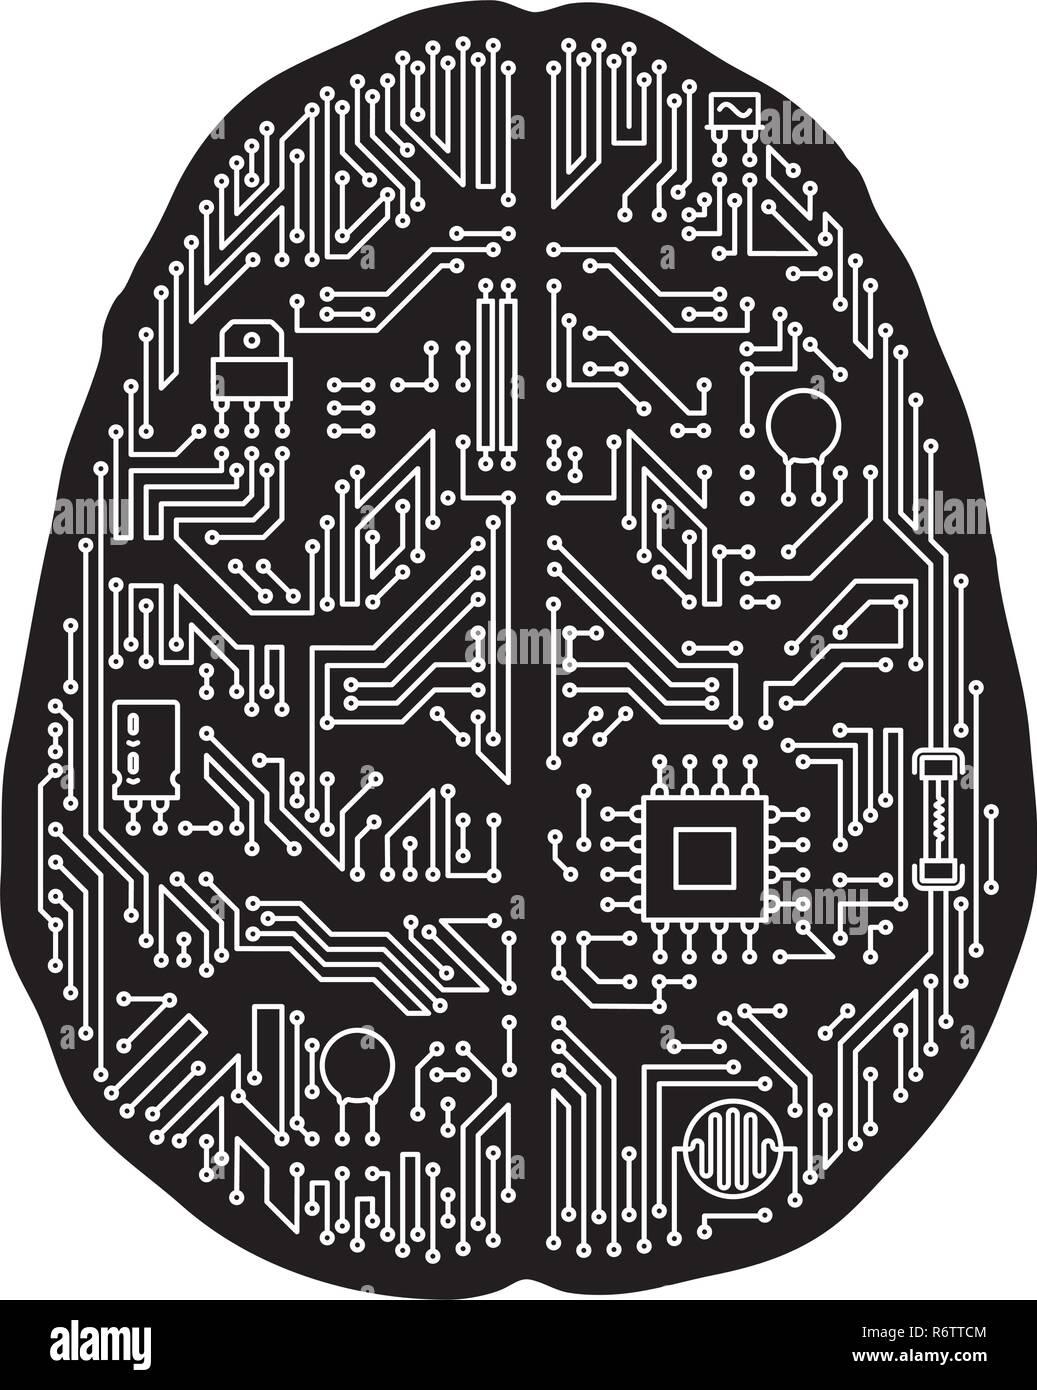 Motherboard cerebro humano aislado en forma de ilustración vectorial. Blanco y negro y el concepto de tecnología de inteligencia artificial. Ilustración del Vector